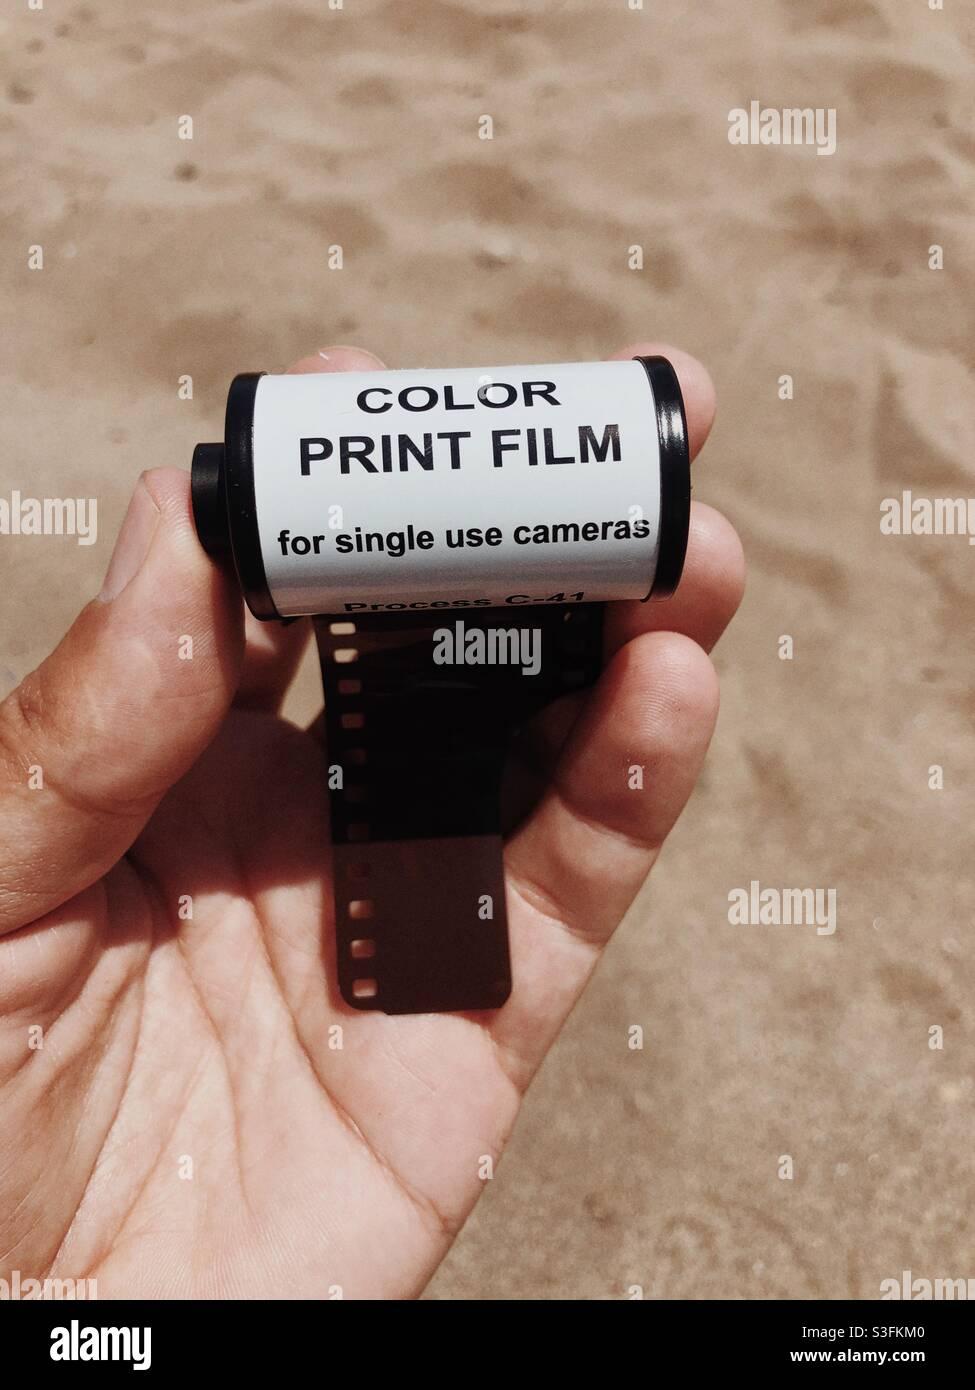 Un rotolo di pellicola a colori da 35 mm a portata di mano contro sabbia sfondo Foto Stock